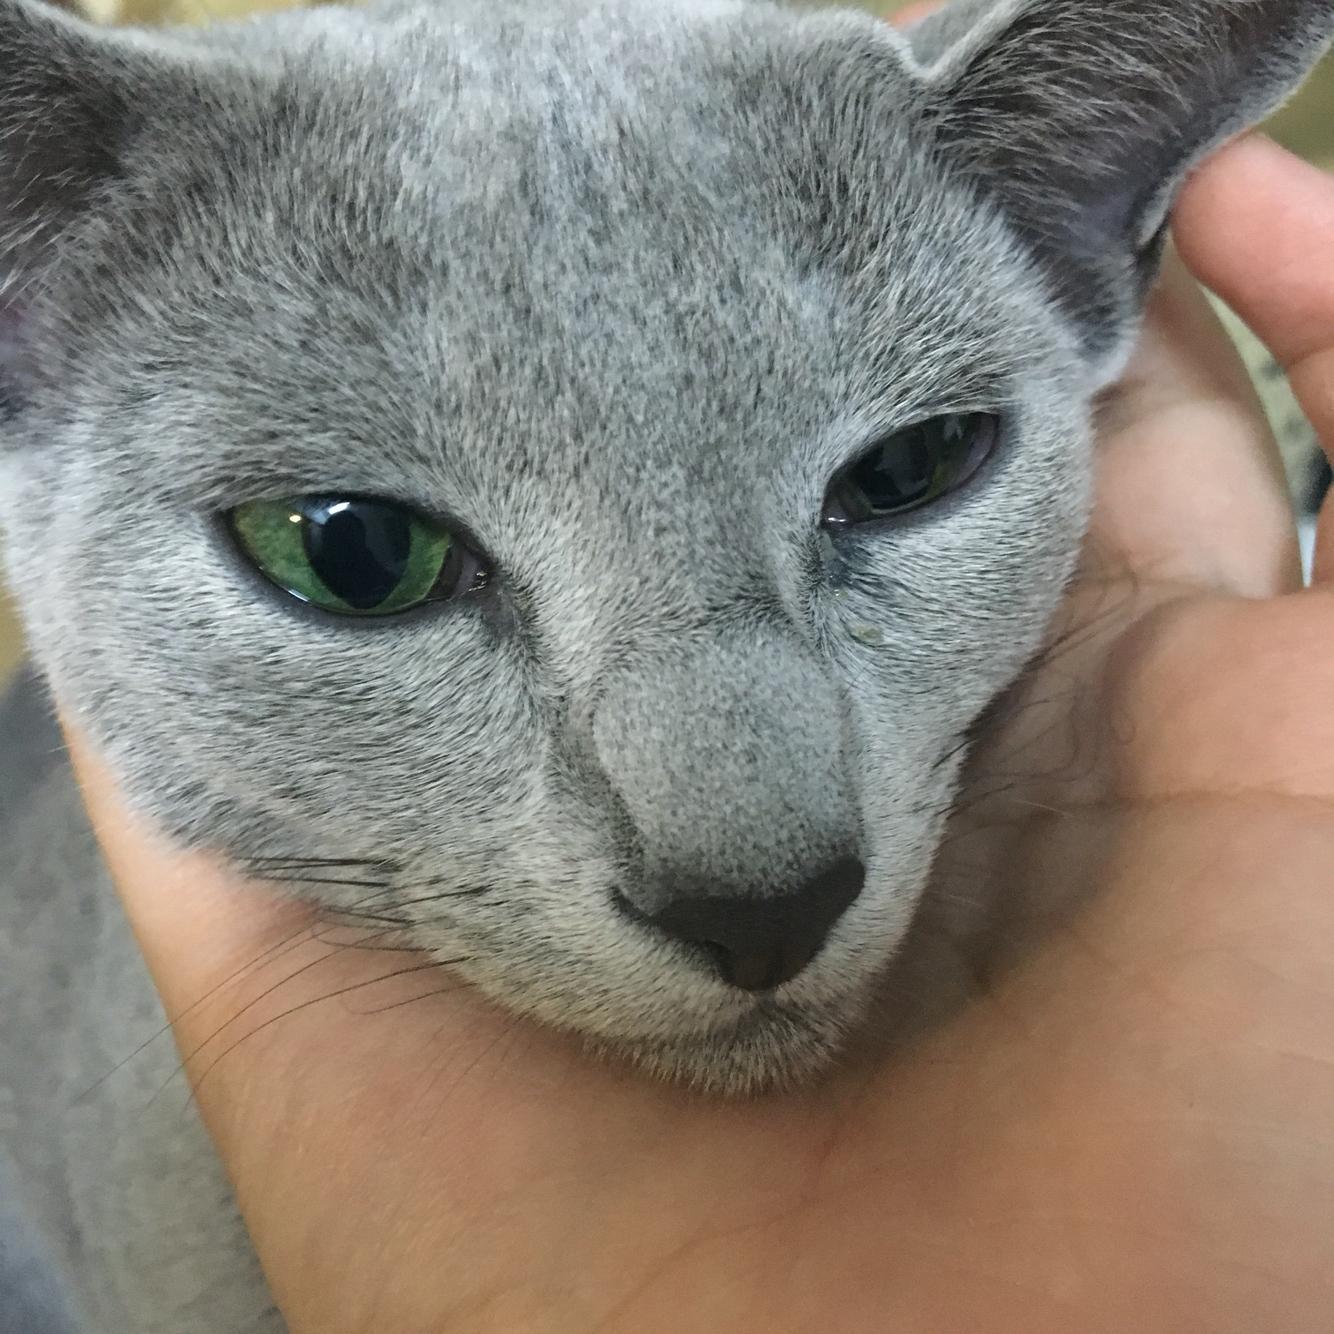 猫咪偶尔打喷嚏眼睛反复发炎